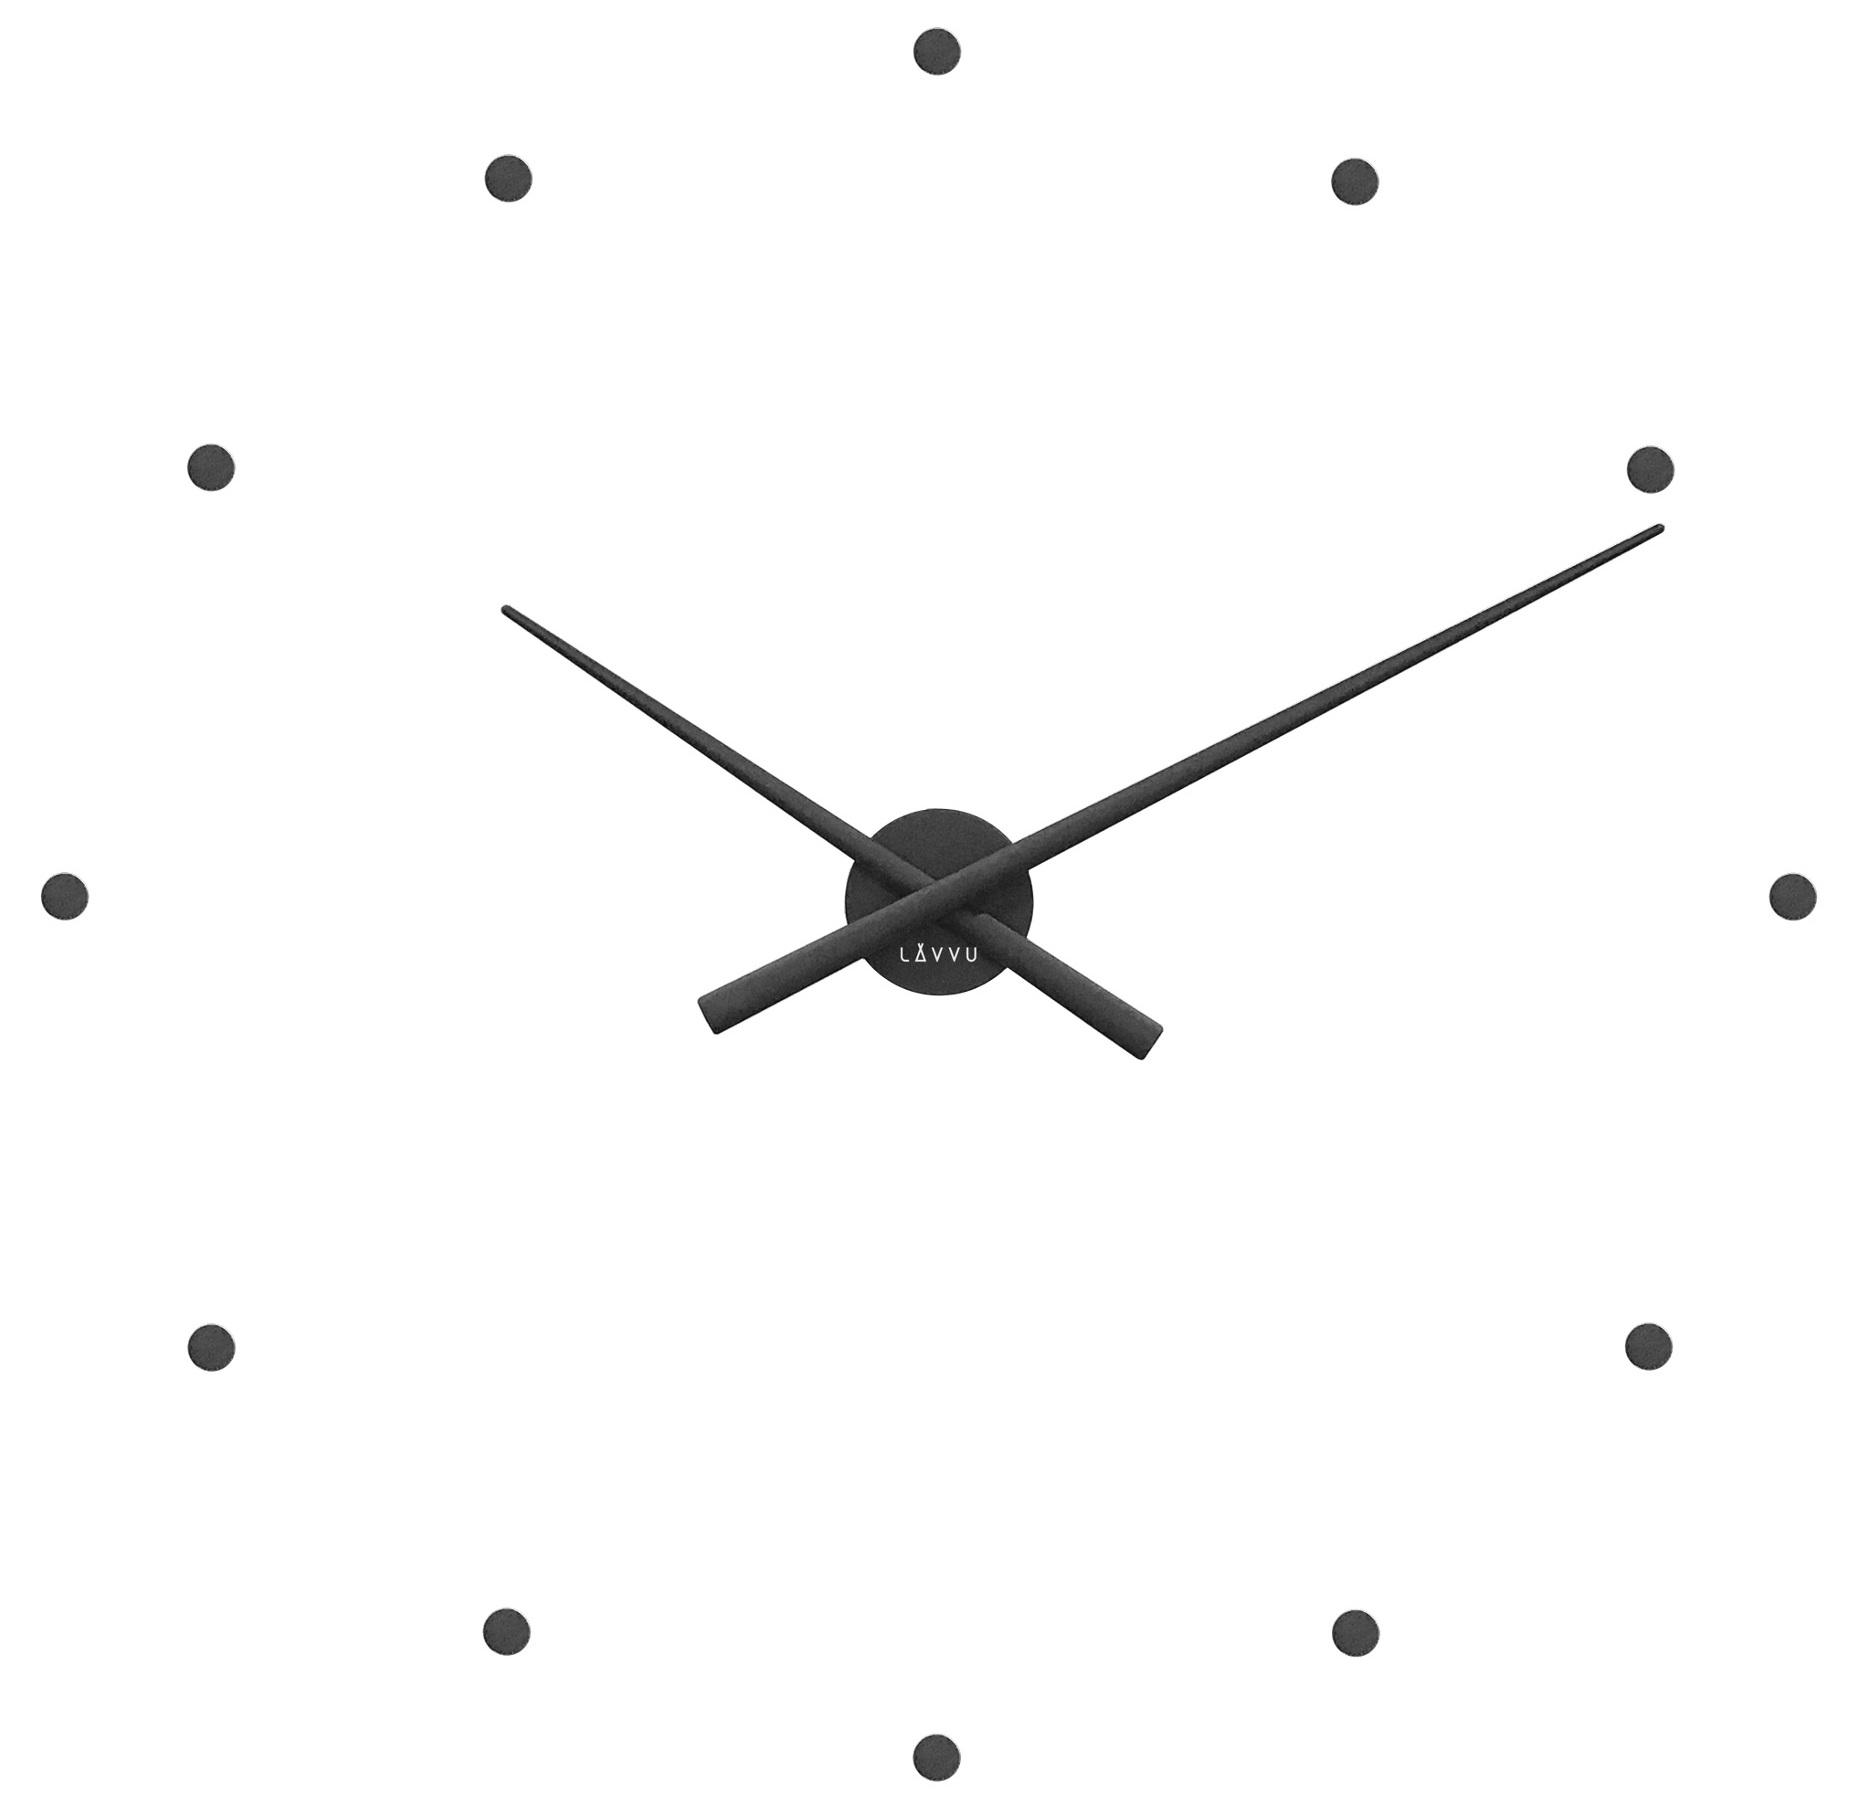 Černé nalepovací hodiny na zeď LAVVU 3D STICKER Black Dots LCT1021 ( černé nalepovací hodiny průměr 73cm)